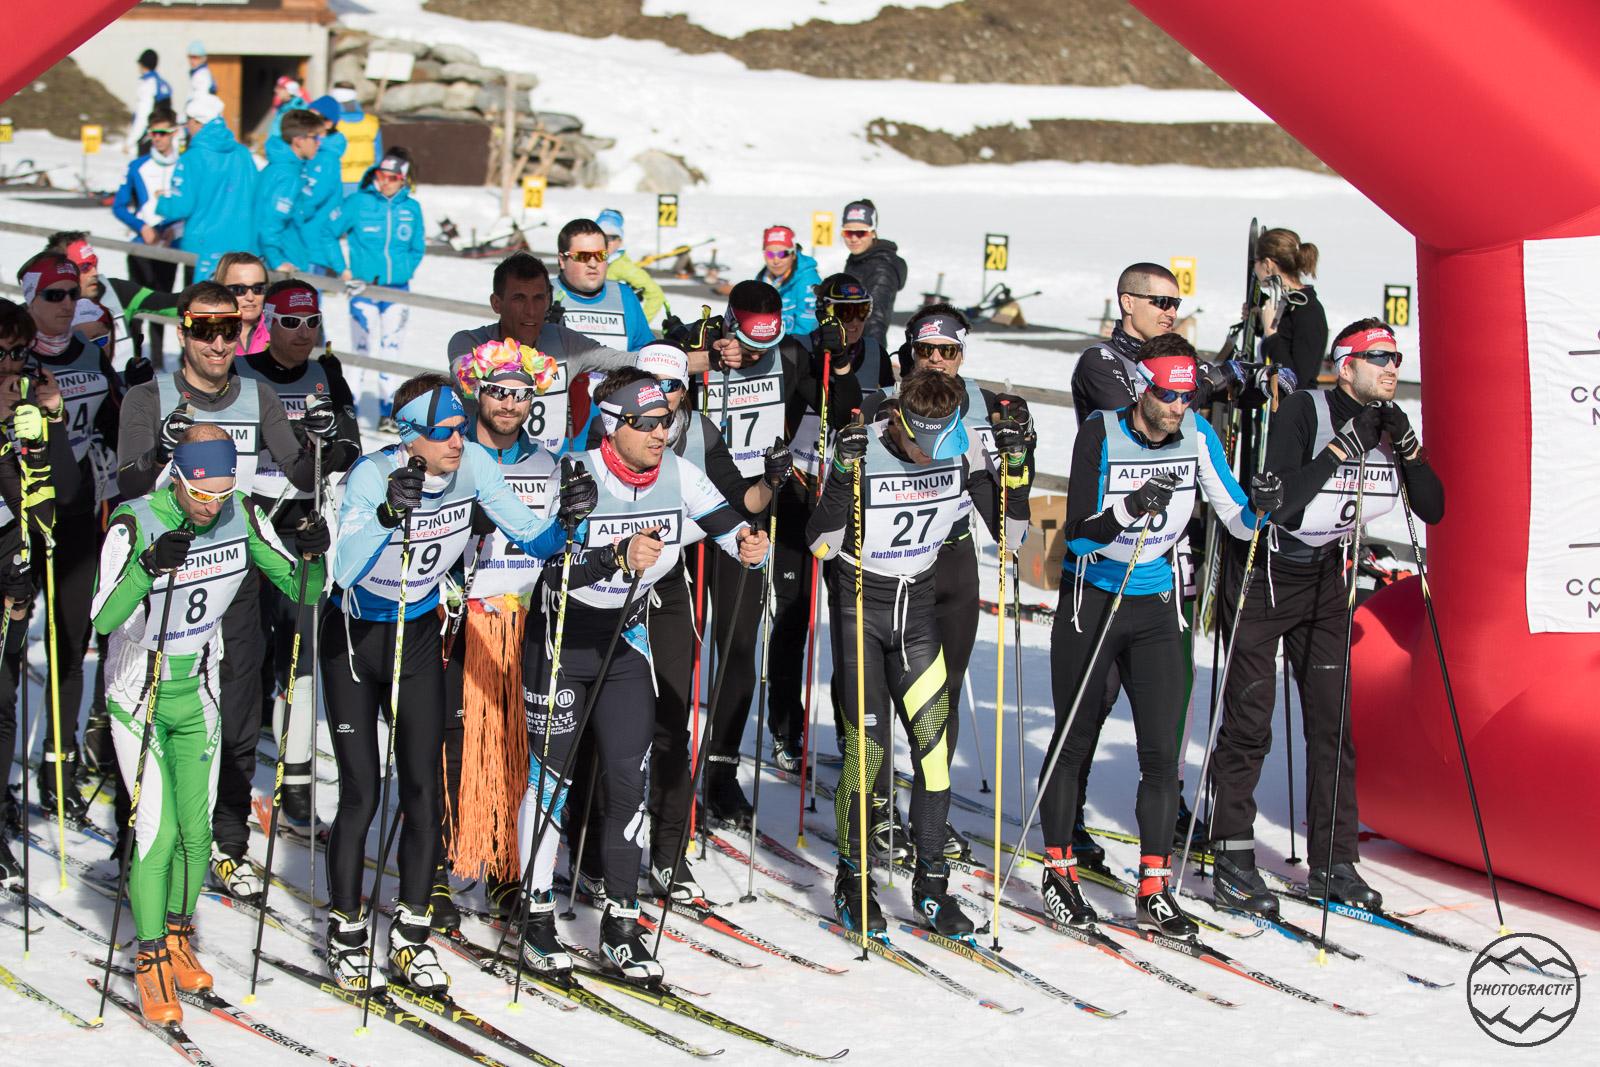 Biathlon Alpinum Les Contamines 2019 (47)